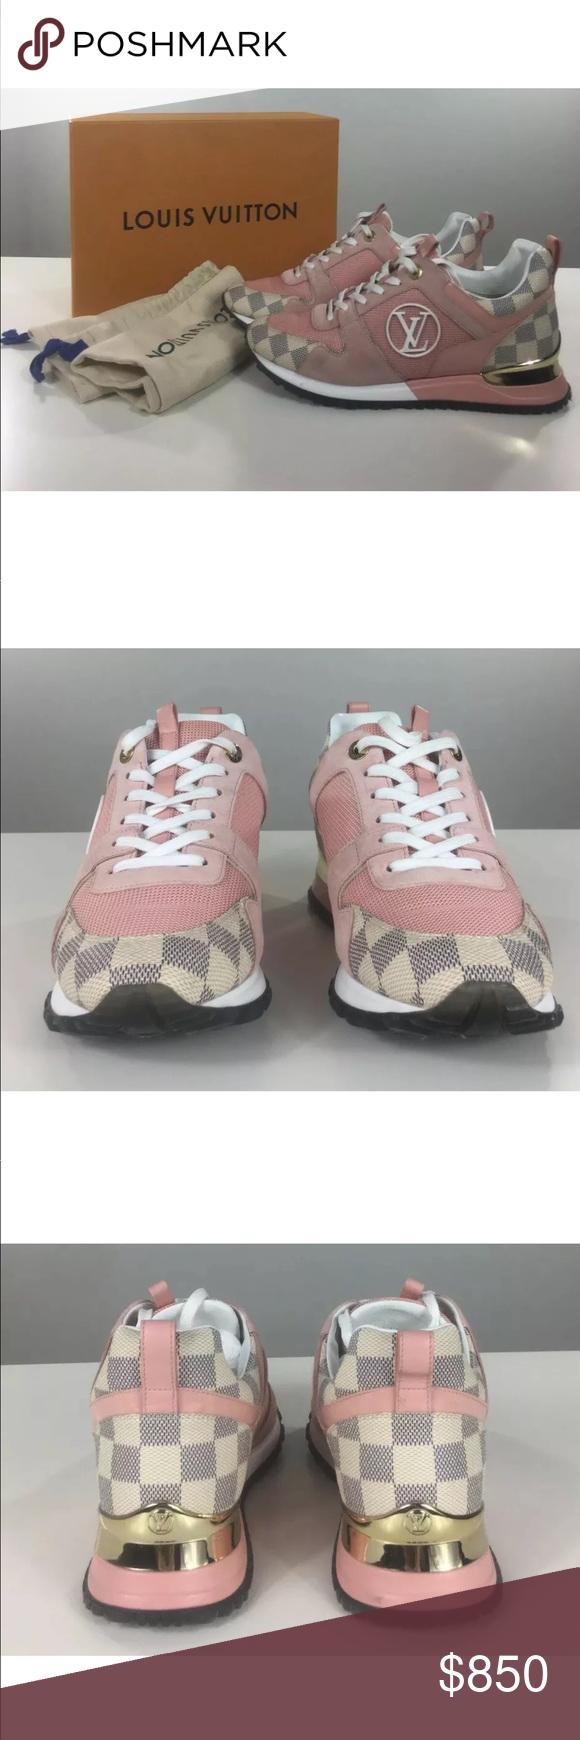 louis vuitton shoes authenticity check